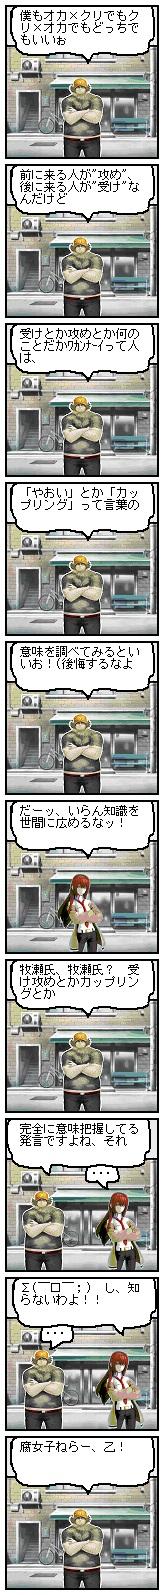 ダル「腐女子ねらー、乙ッ!w」